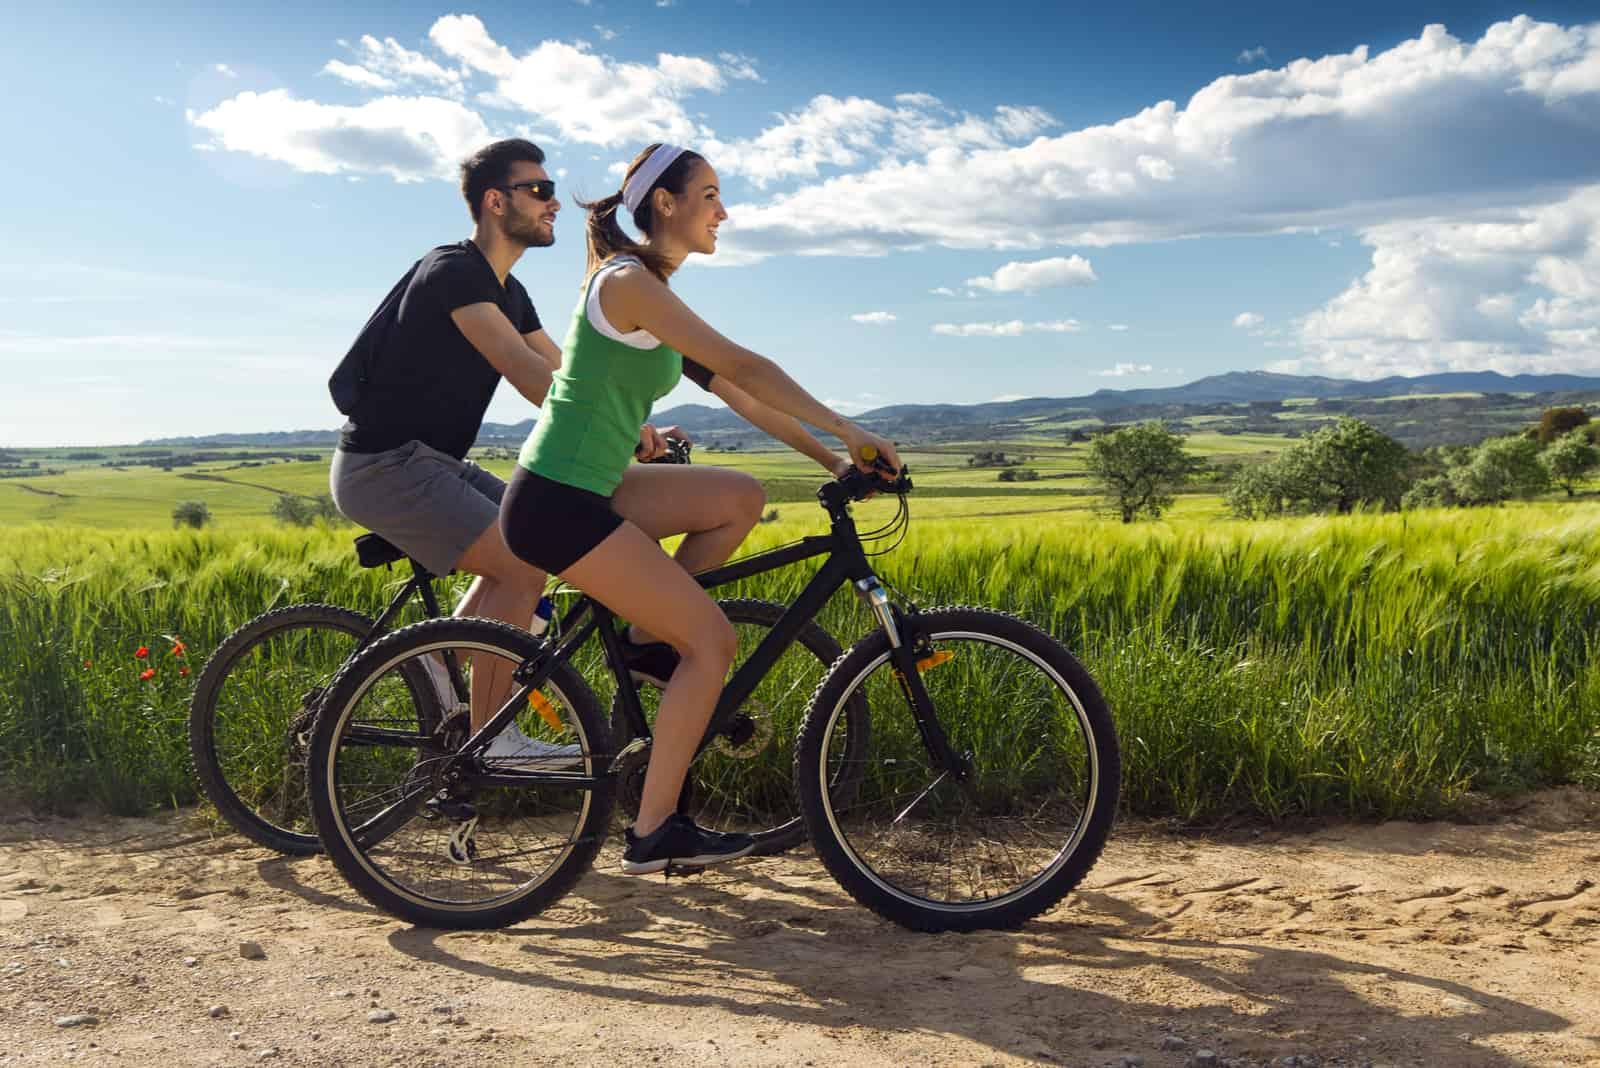 Glückliches junges Paar auf einer Radtour in der Landschaft